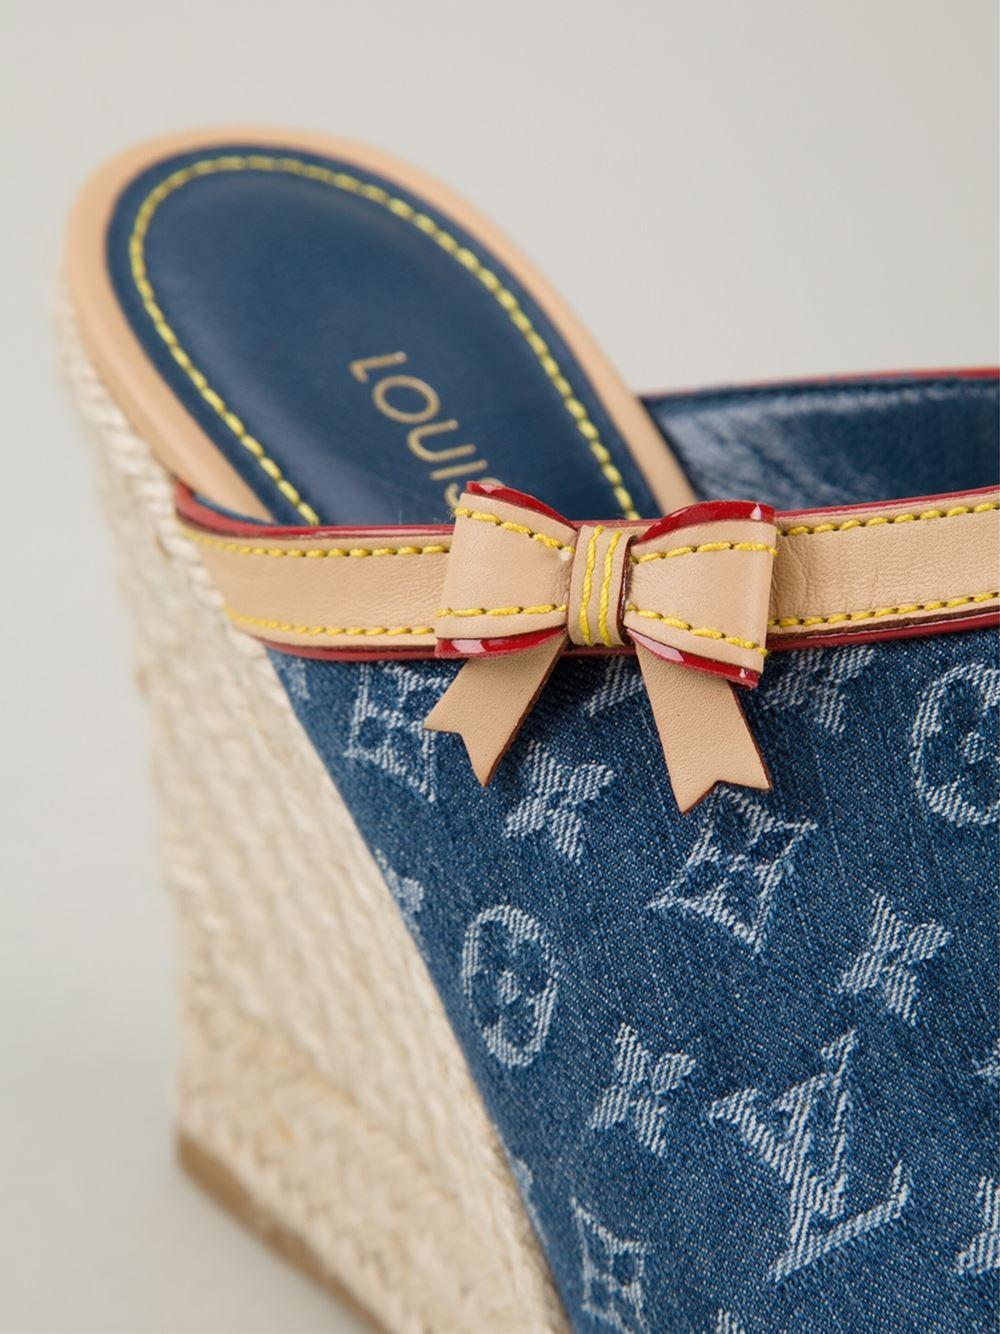 Lyst - Louis Vuitton Monogram Denim Mules in Blue